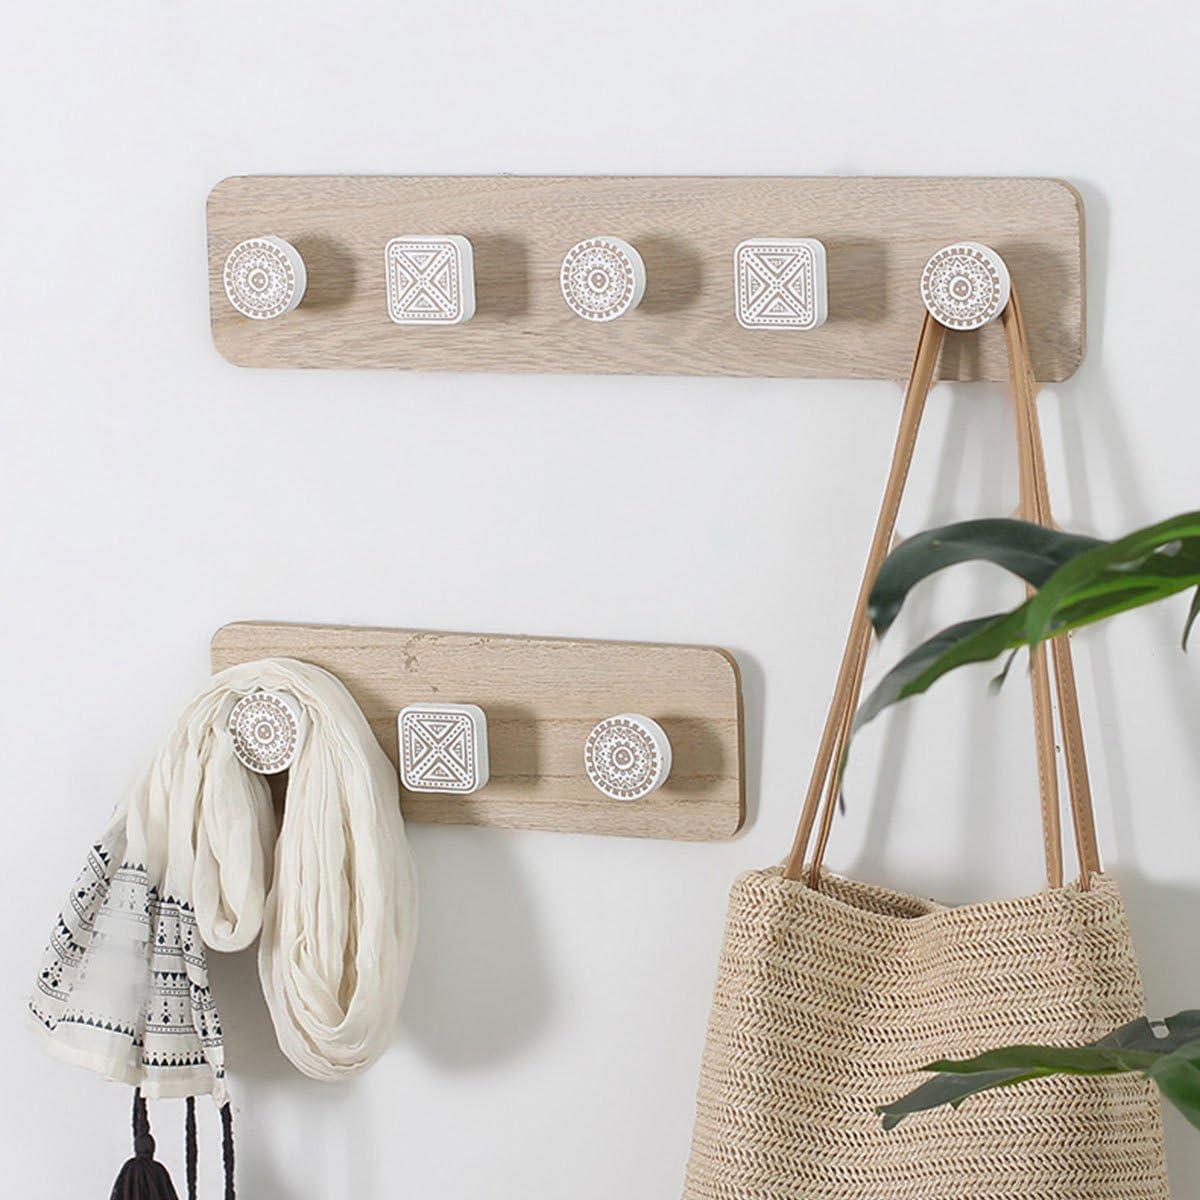 Nero Mumusuki Appendiabiti Minimalista Nordico Parete Acciaio Inossidabile Gancio Adesivo Lega di Zinco per la Parete Porta Bagno Cucina